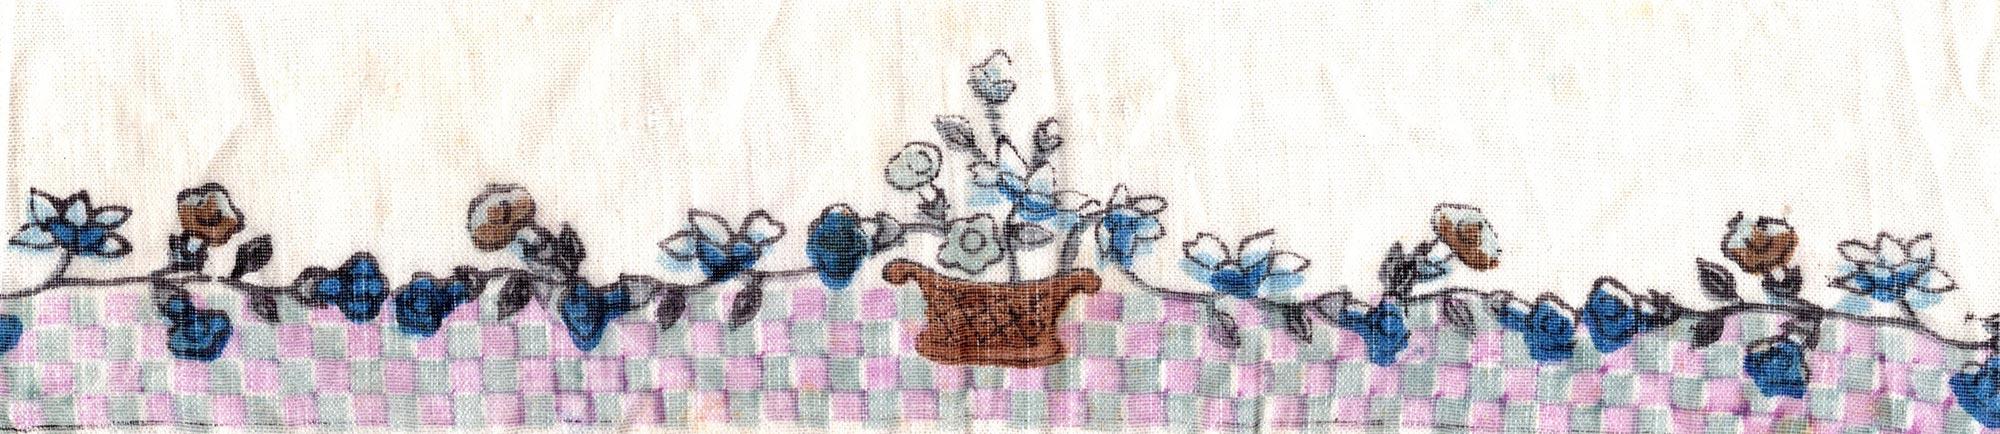 U.S.S. Imperator handkerchief detail vase, flowers, pattern